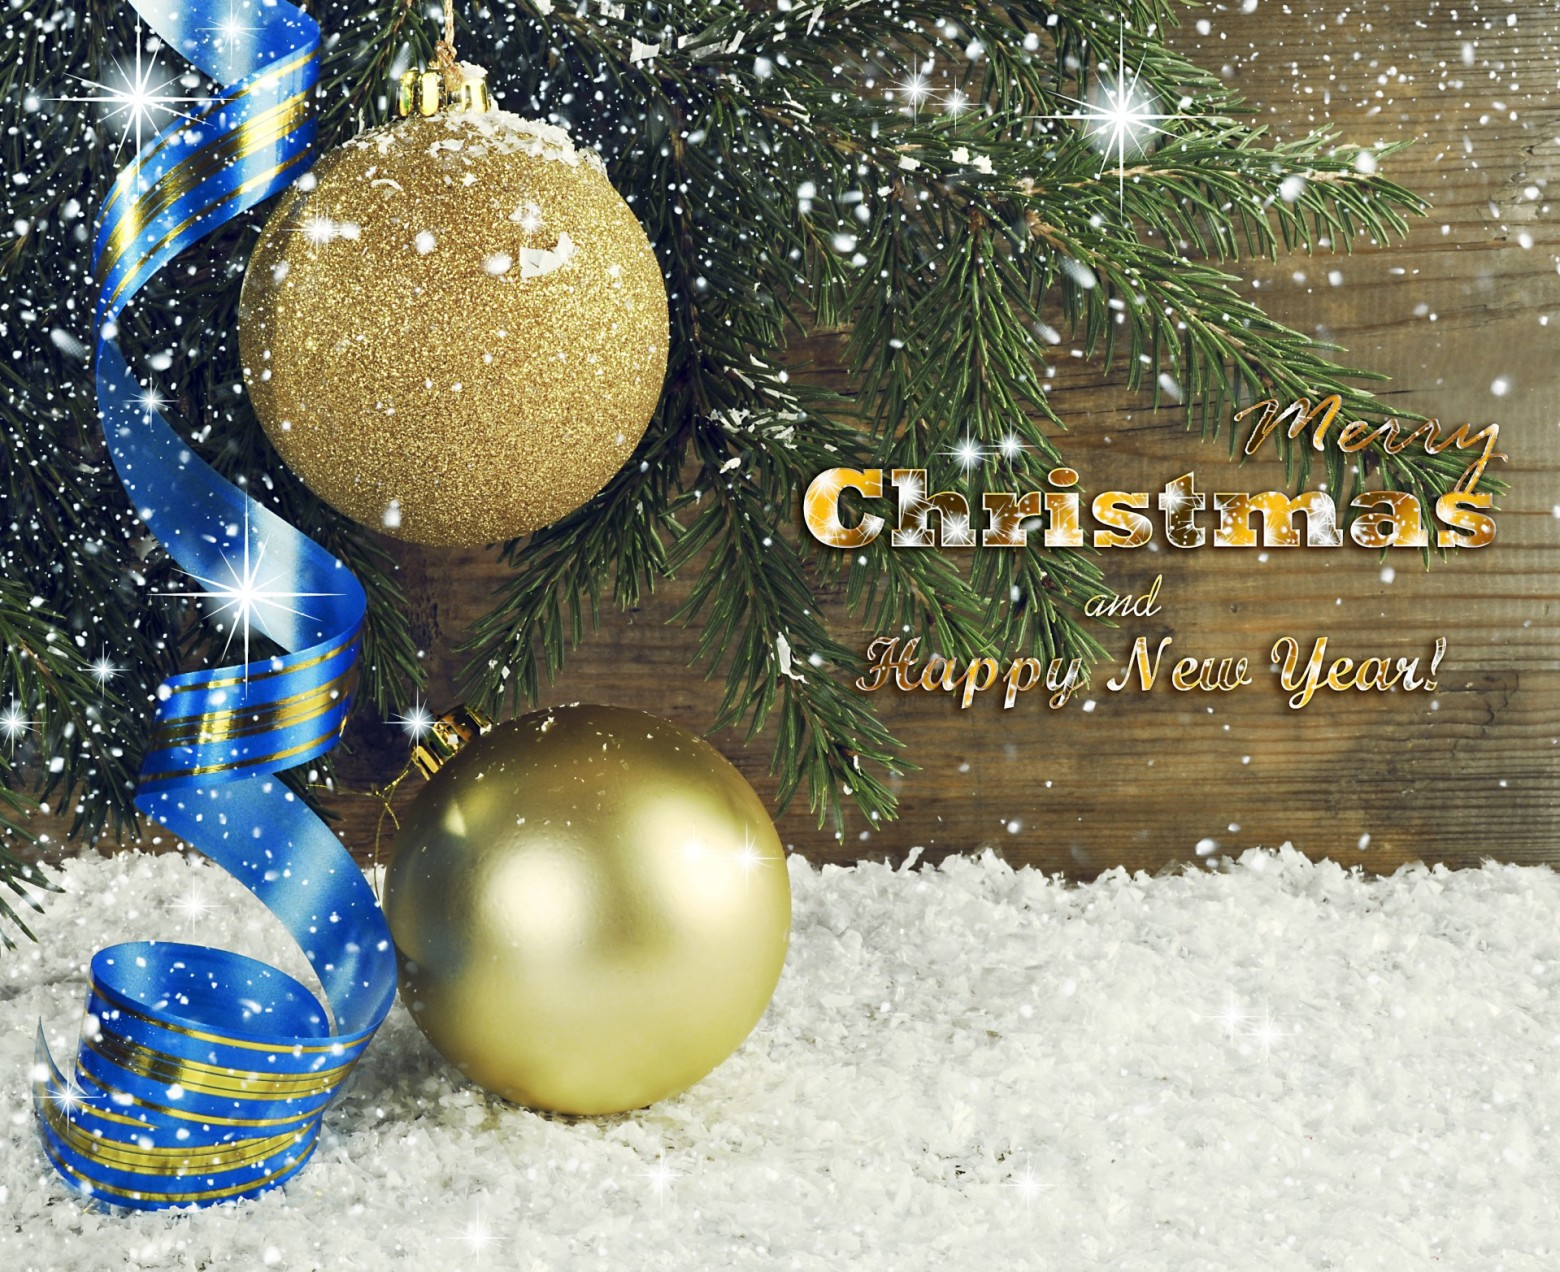 les plus belles carte de voeux de noel et bonne année gratuites